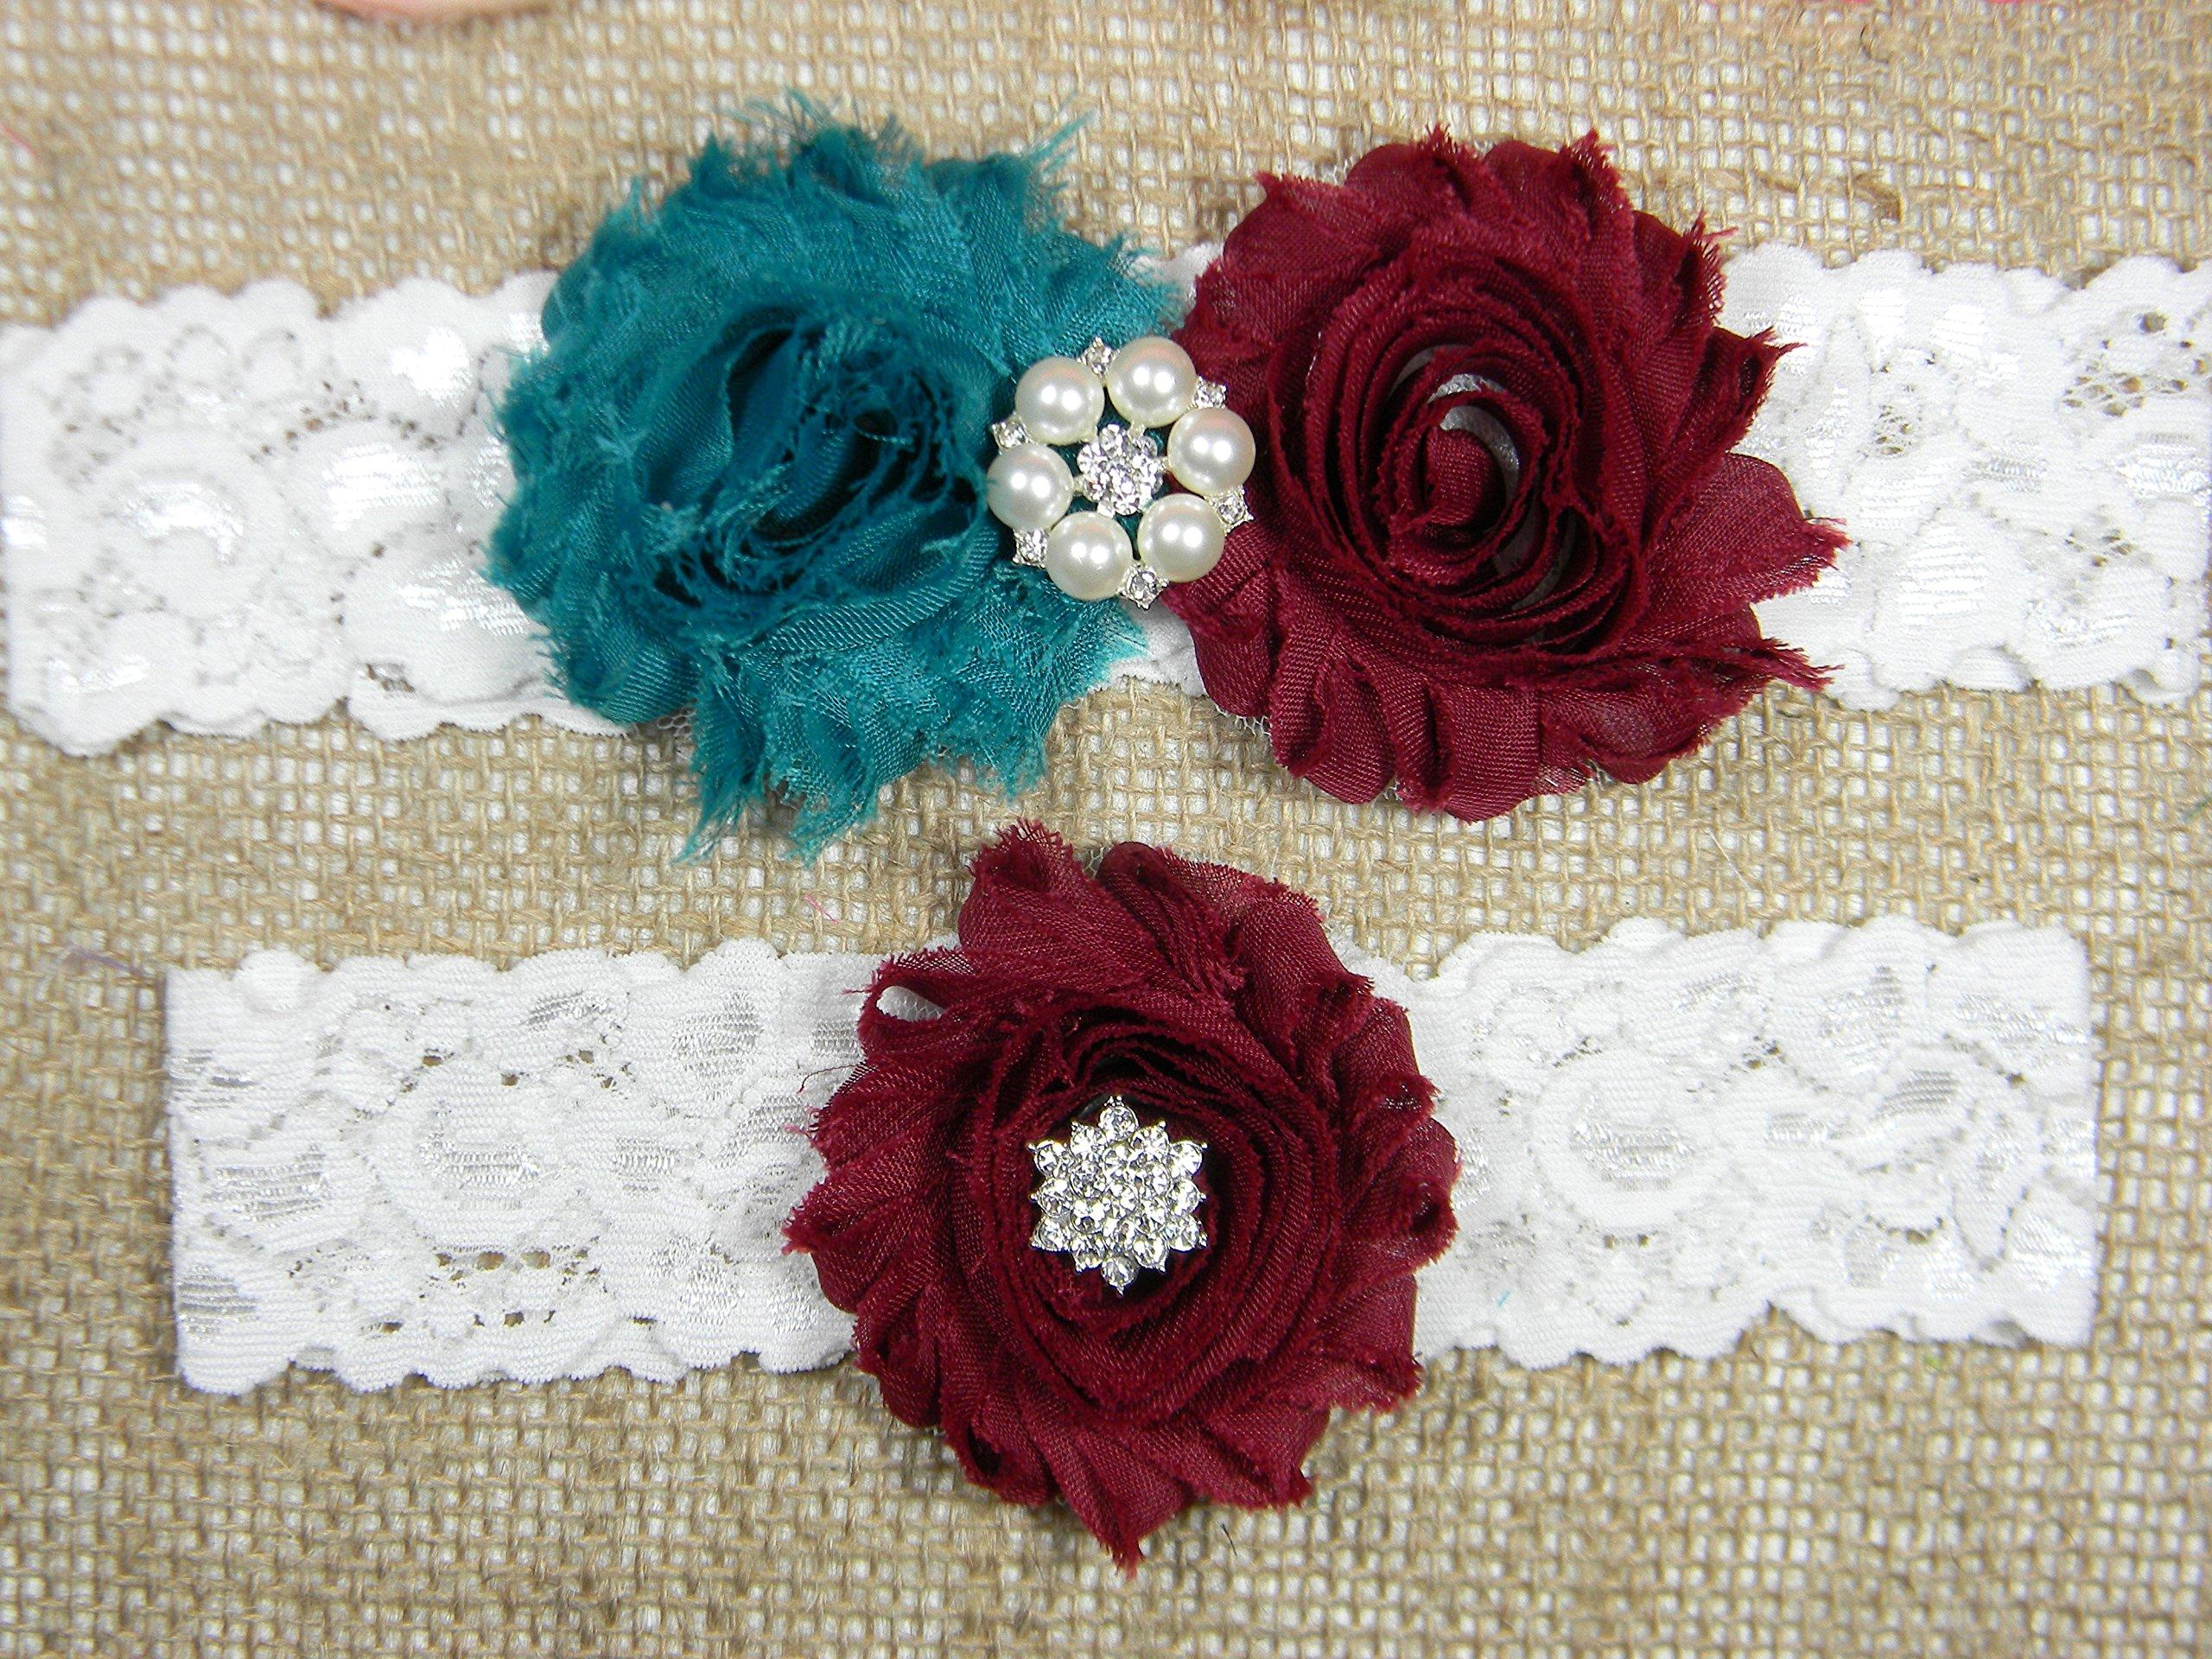 Teal and Maroon Garter, Wedding Garter Set, Bridal Garter Belt, Keepsake and Toss Stretch Lace Garters